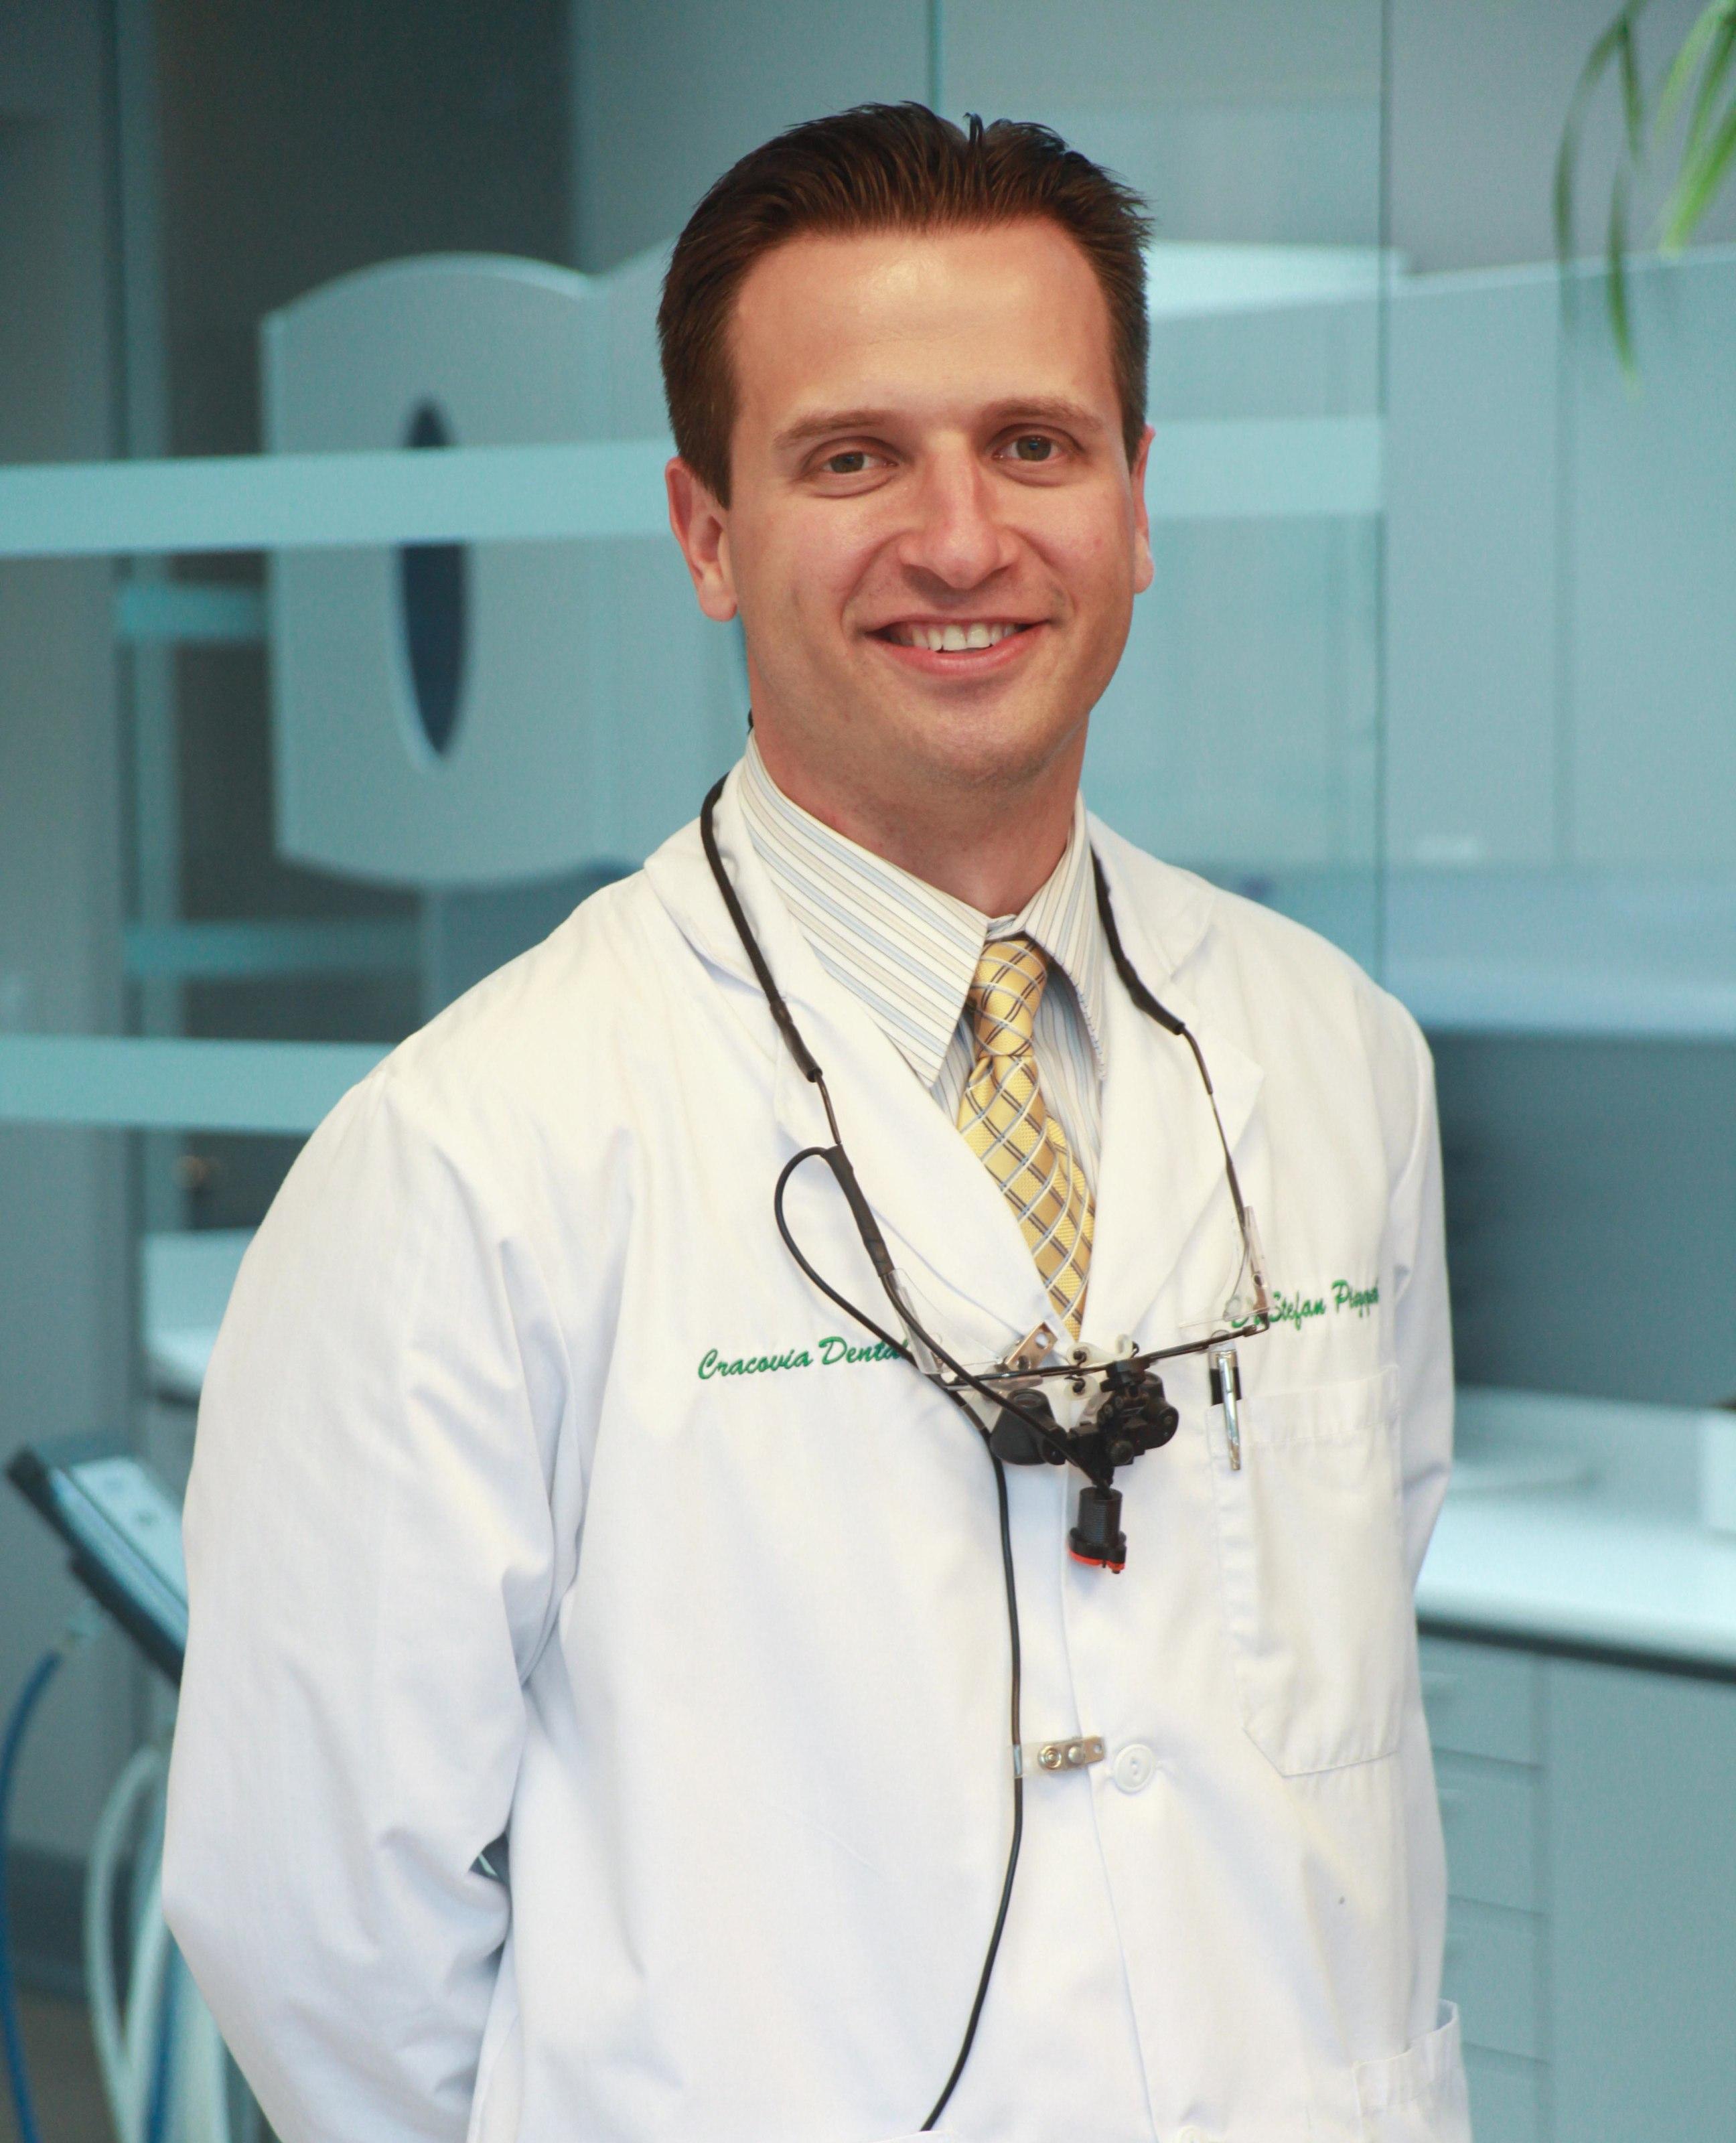 Dr. Stefan Piszczek